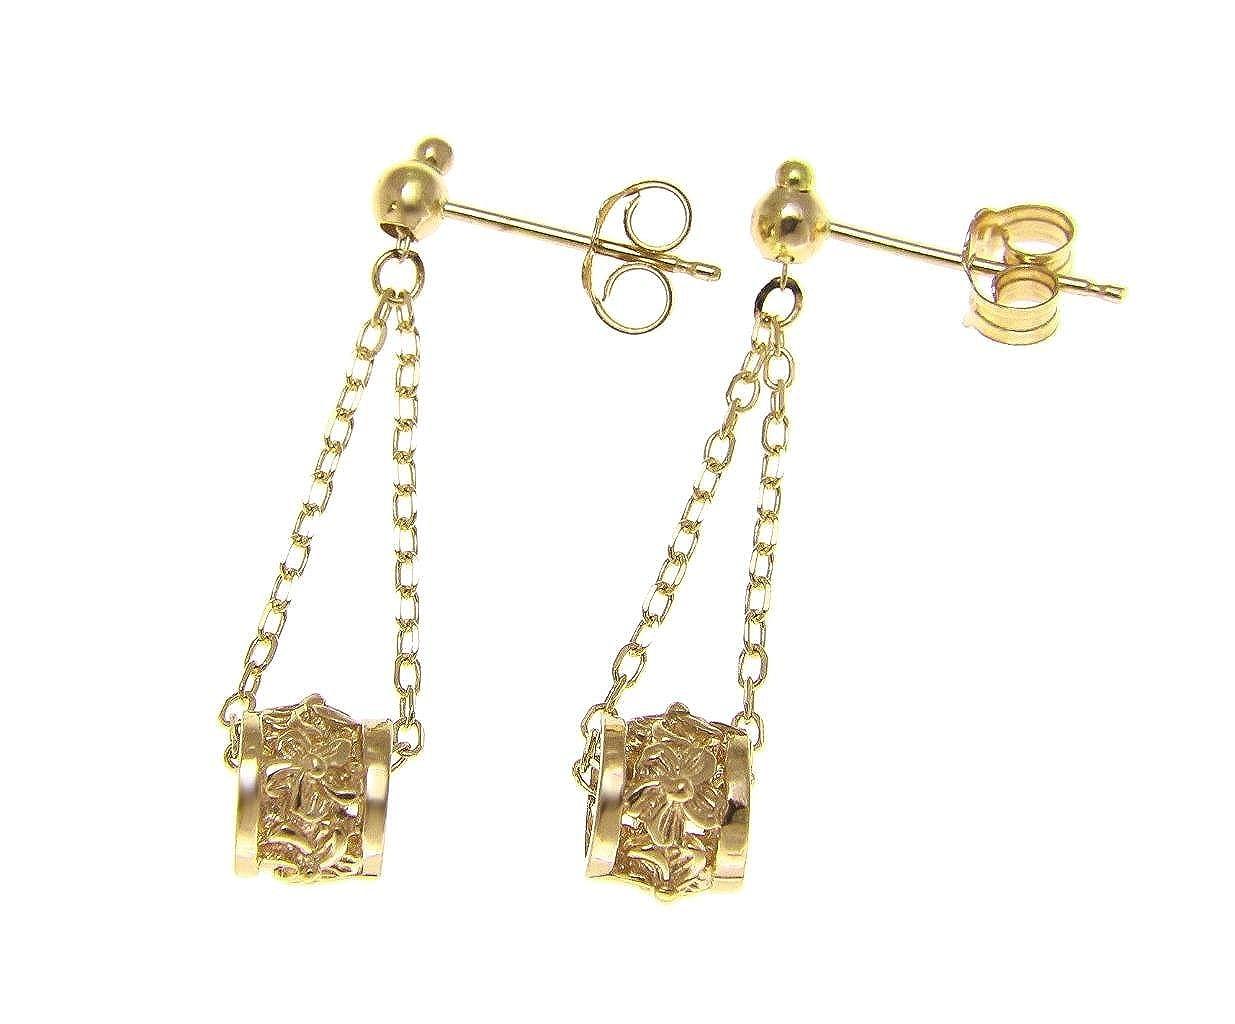 14K solid yellow gold chain dangle Hawaiian plumeria flower barrel earrings